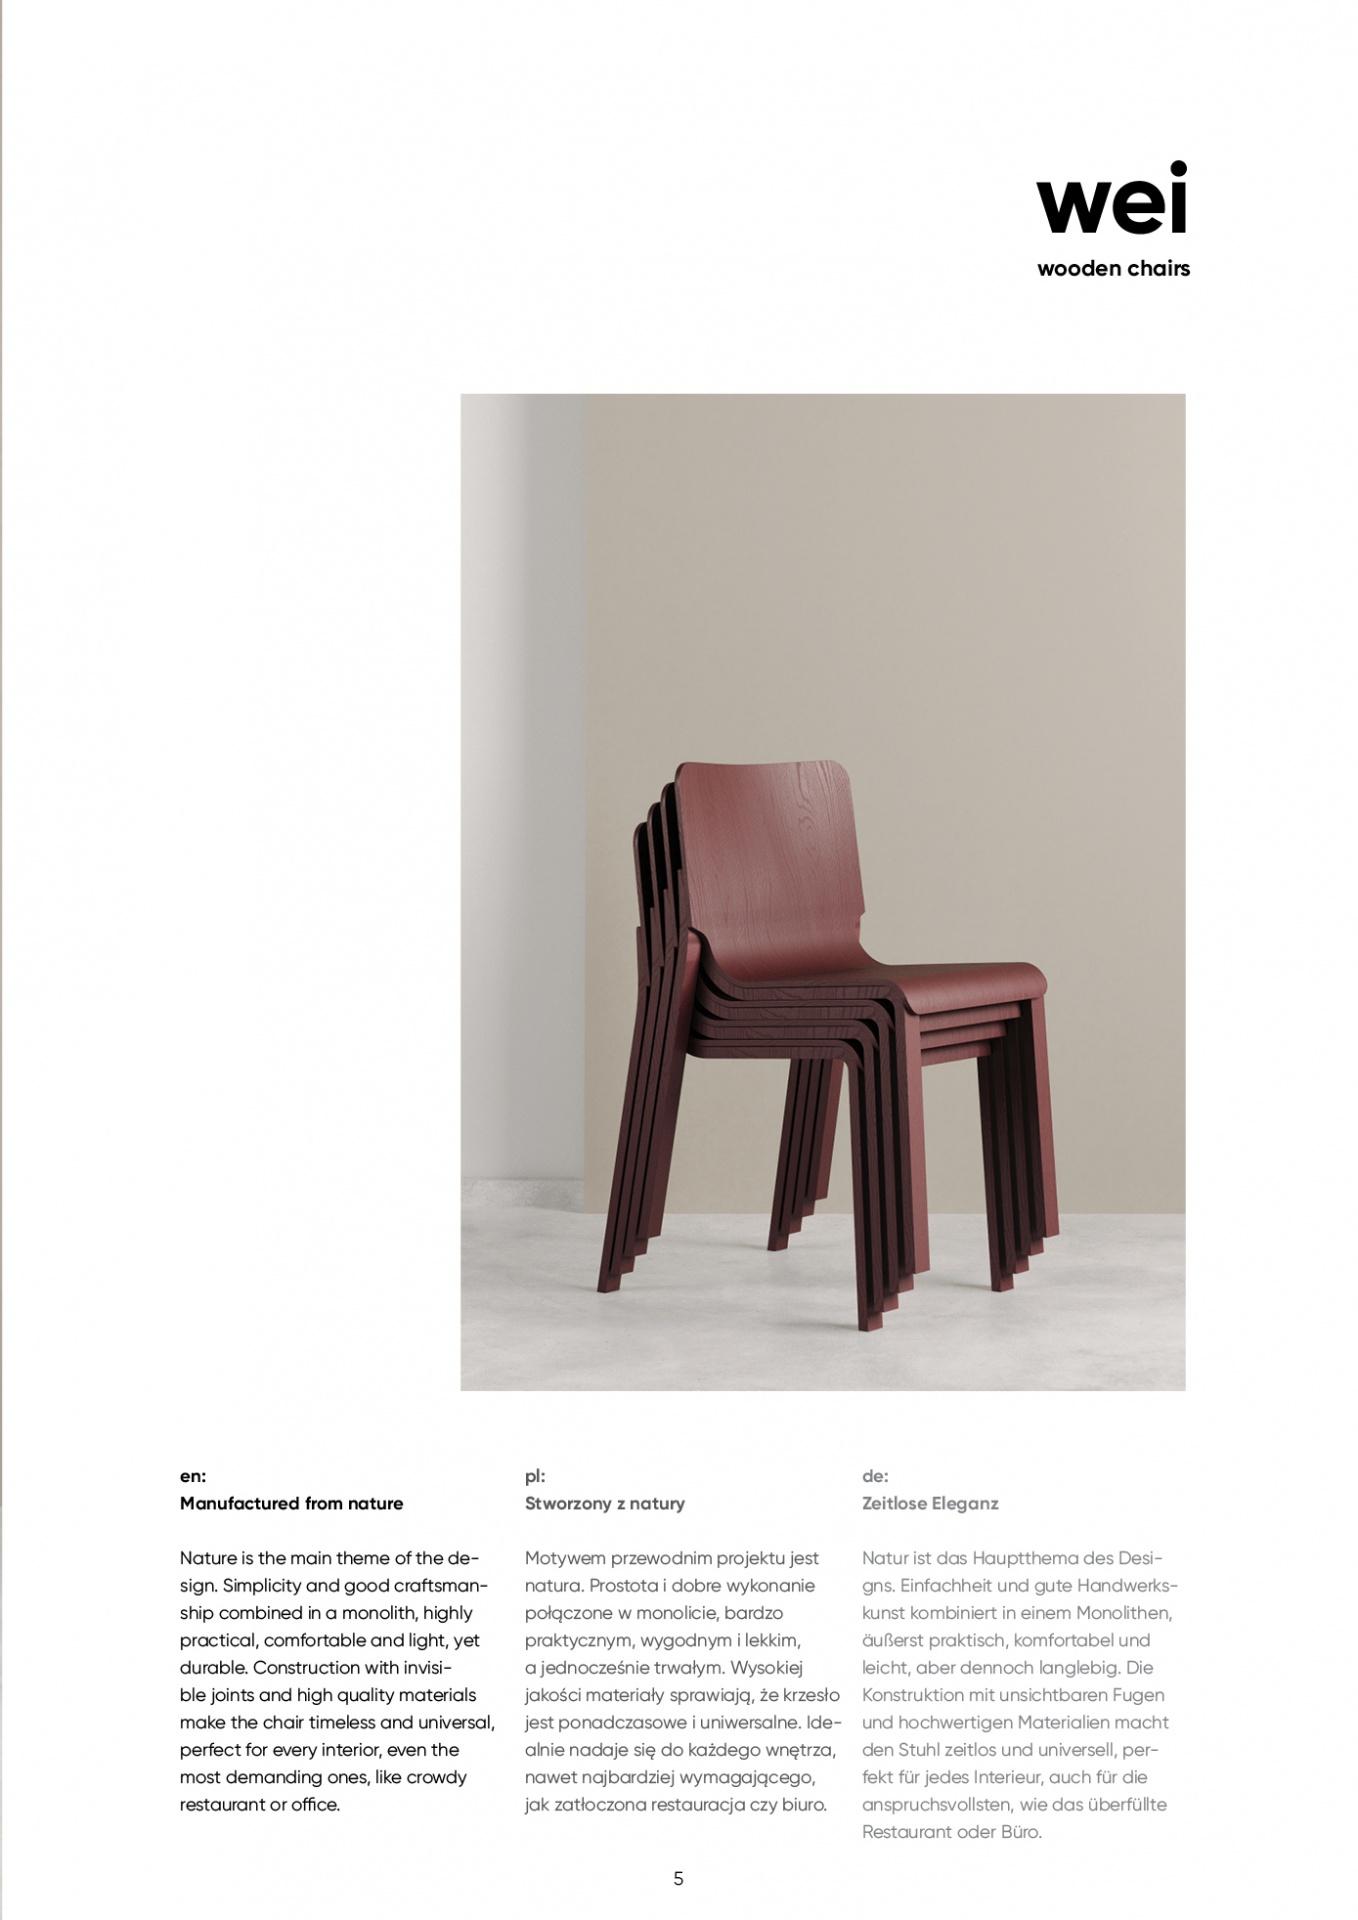 wei-catalogue-v2-5.jpg